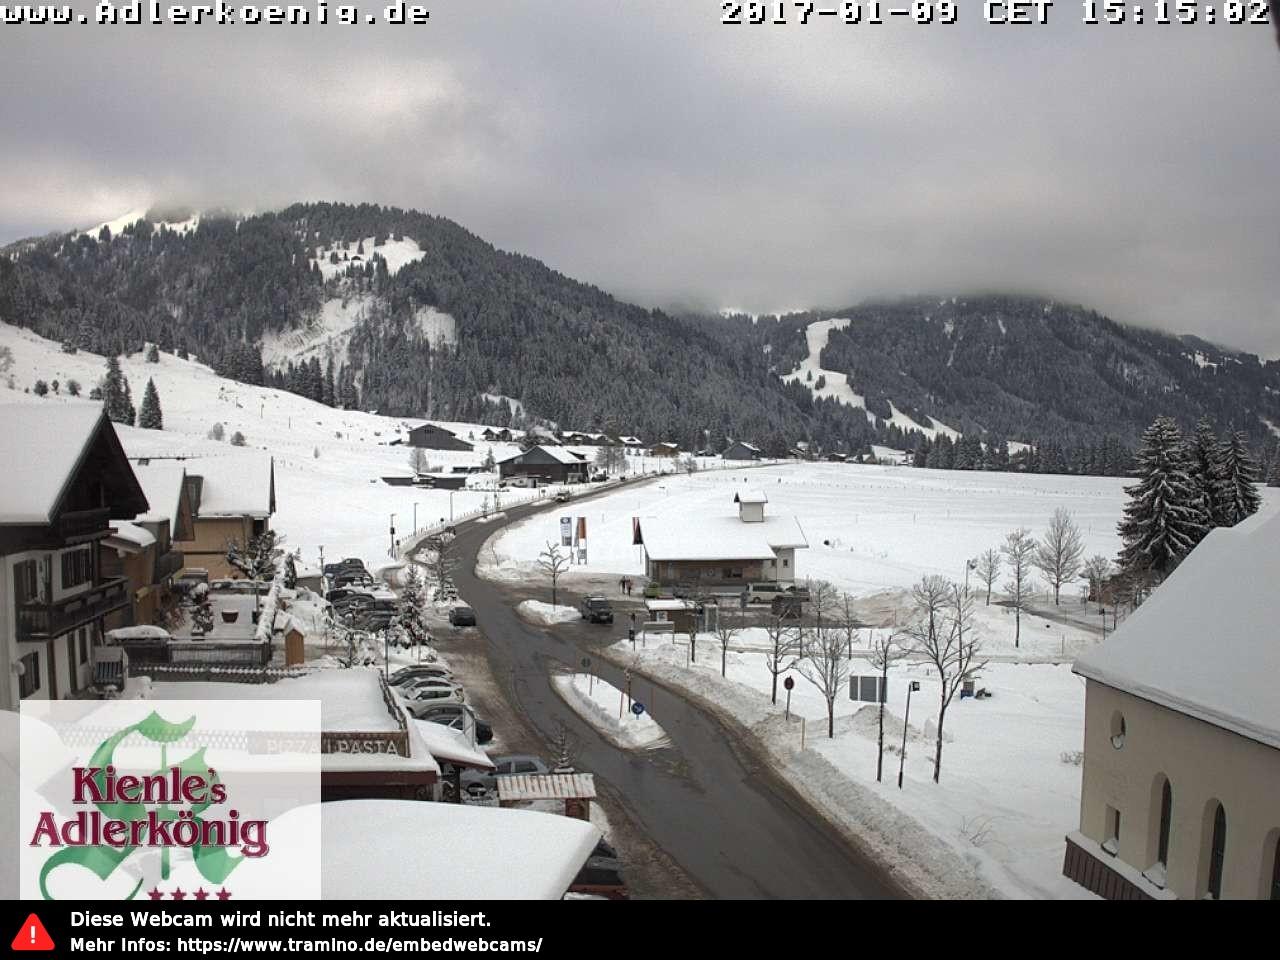 Webcam Ski Resort Balderschwang cam 3 - Bavaria Alps - Allgäu